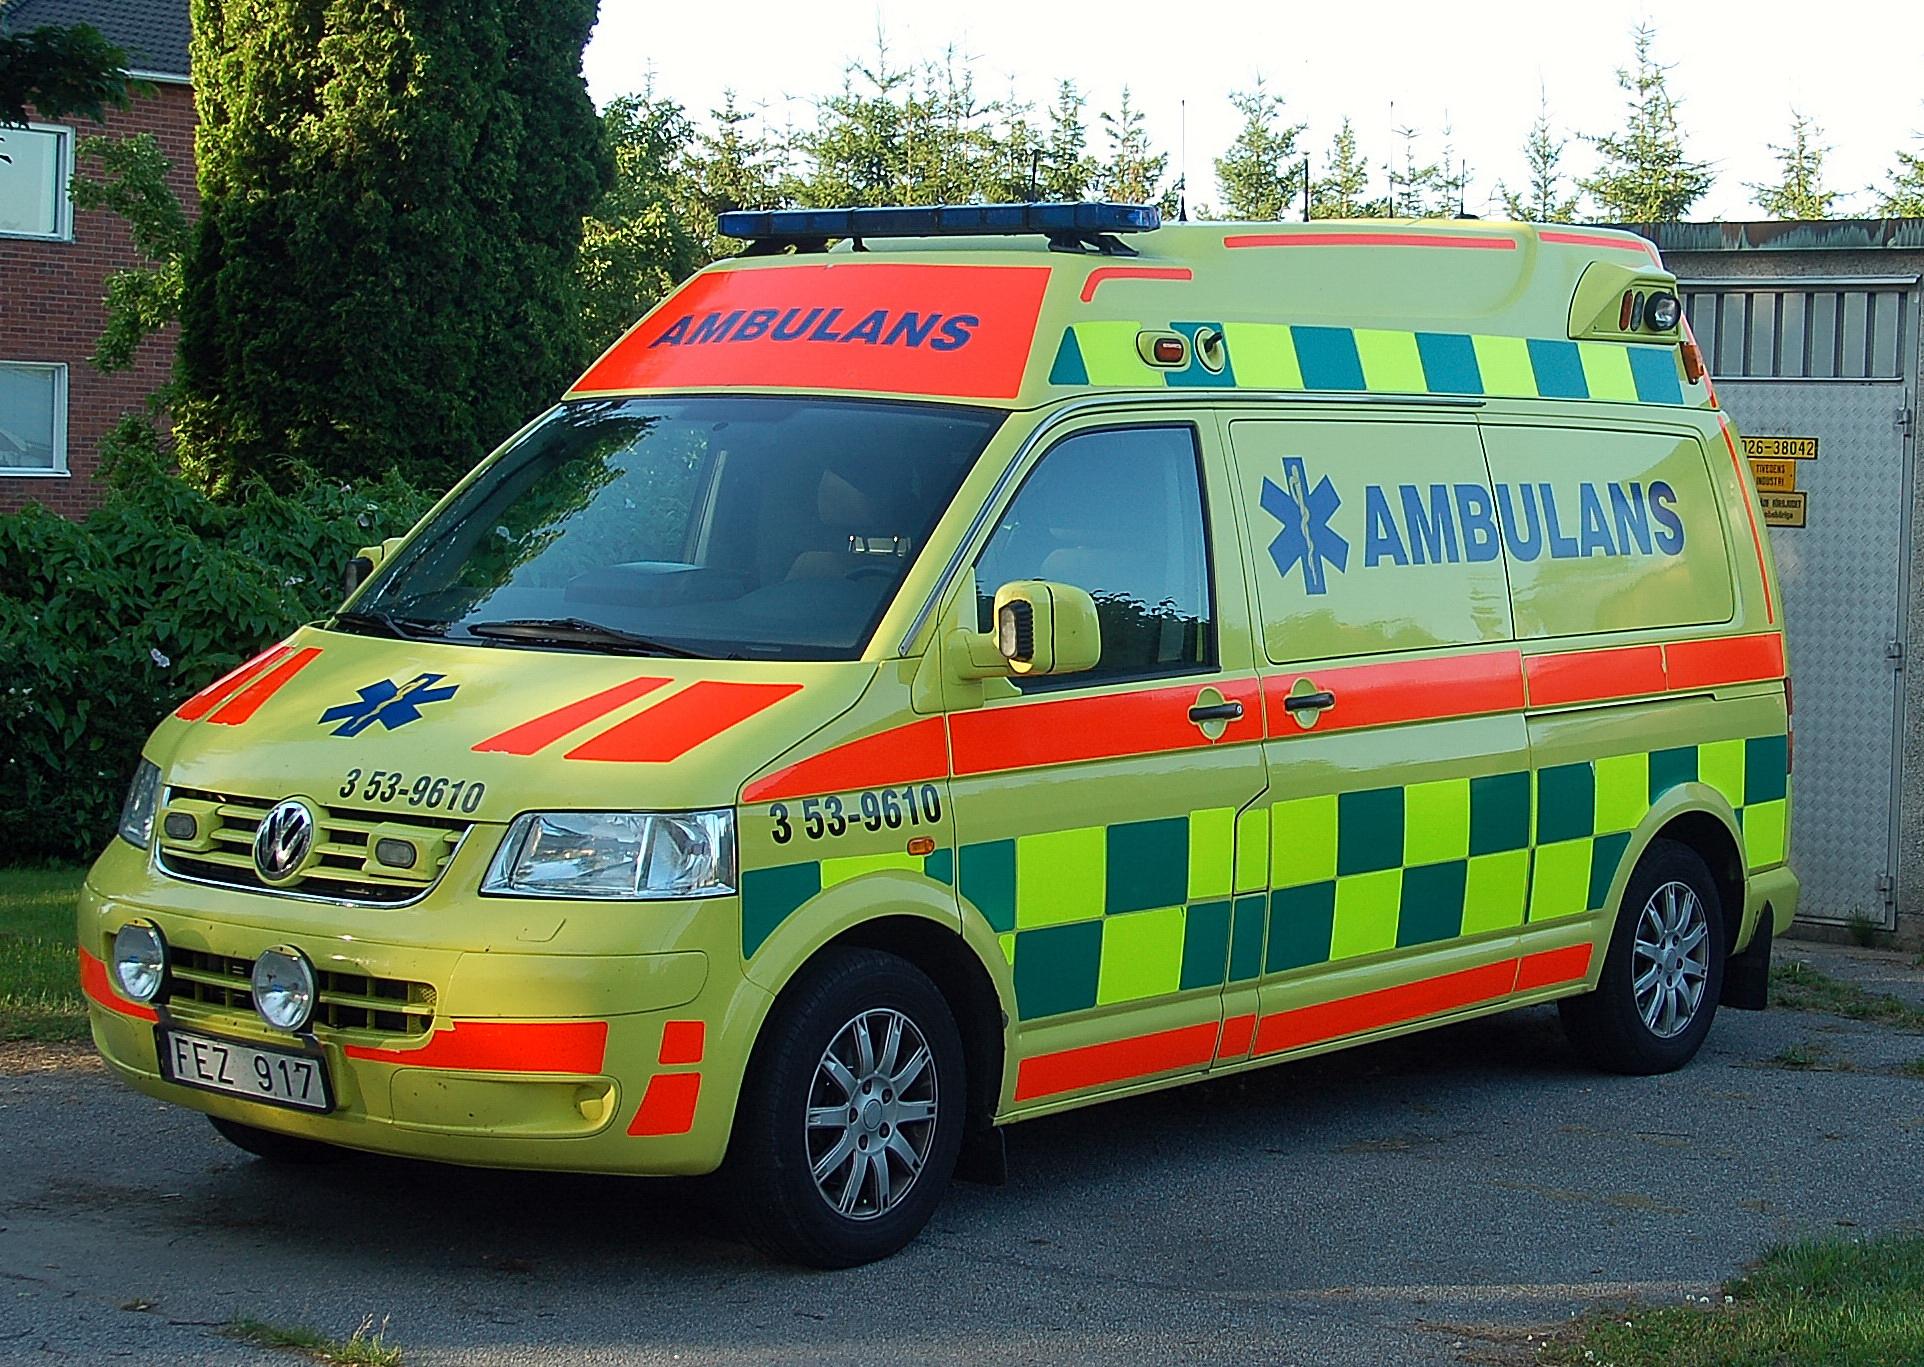 File:VW KOMBI Ambulans.JPG - Wikimedia Commons